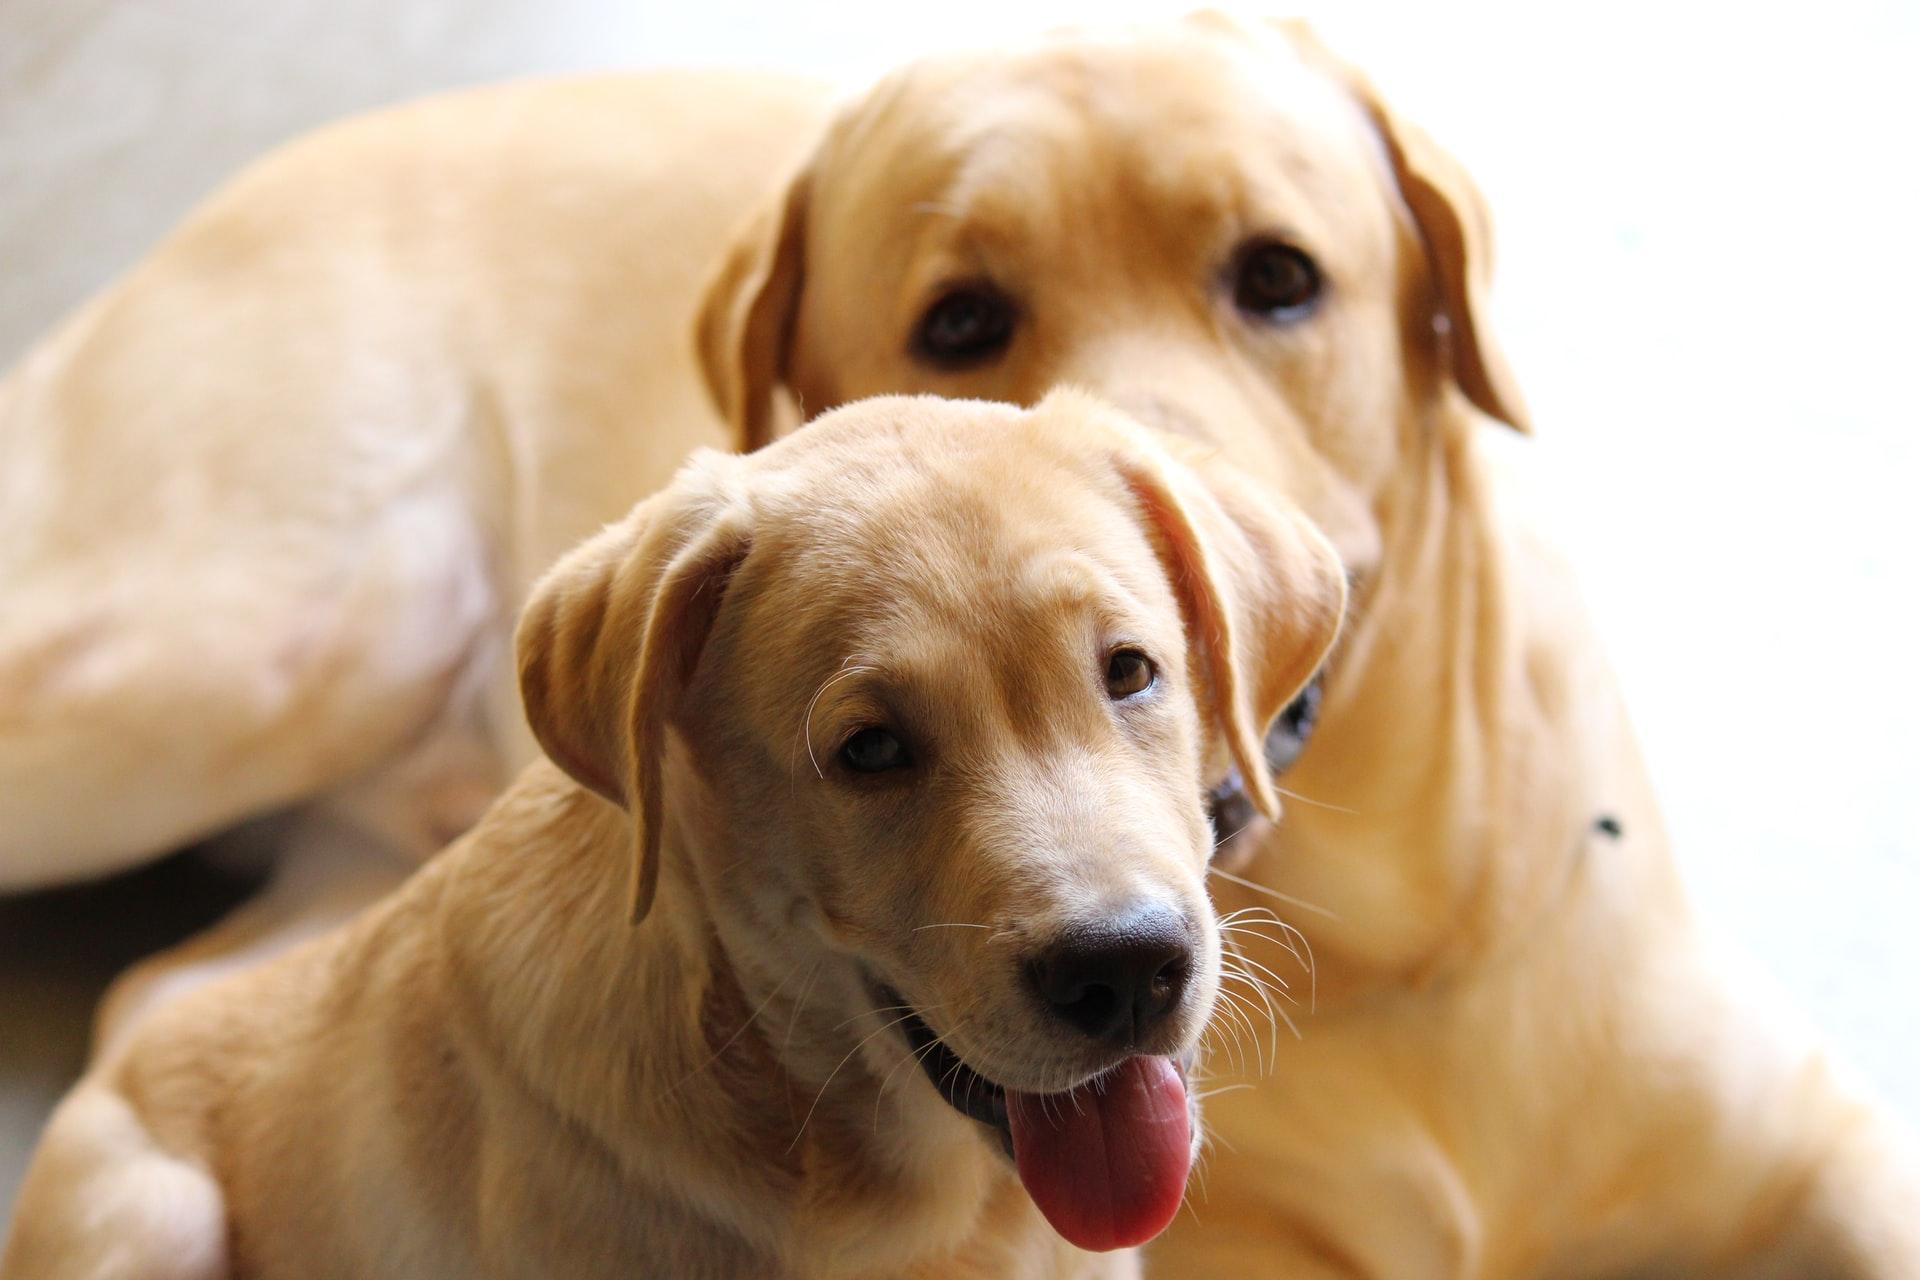 Labrador Medium Sized Dog BreedLabrador Medium Sized Dog Breed